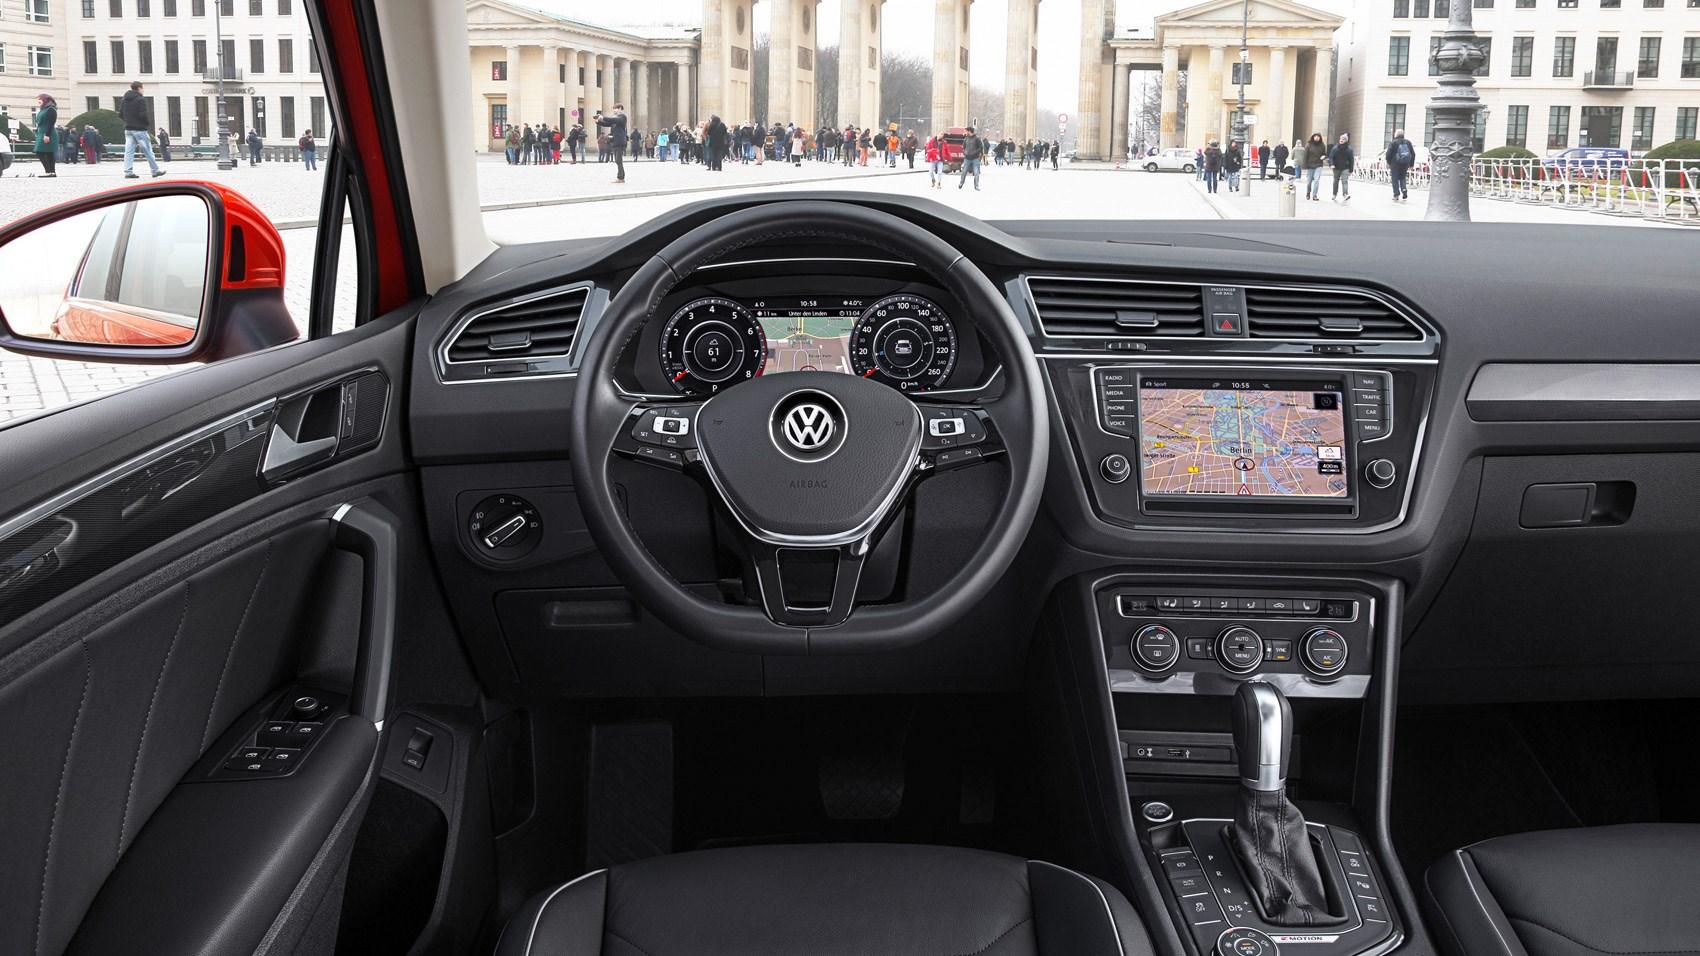 VW Tiguan 2.0 TSI 180 Outdoor (2016) review | CAR Magazine